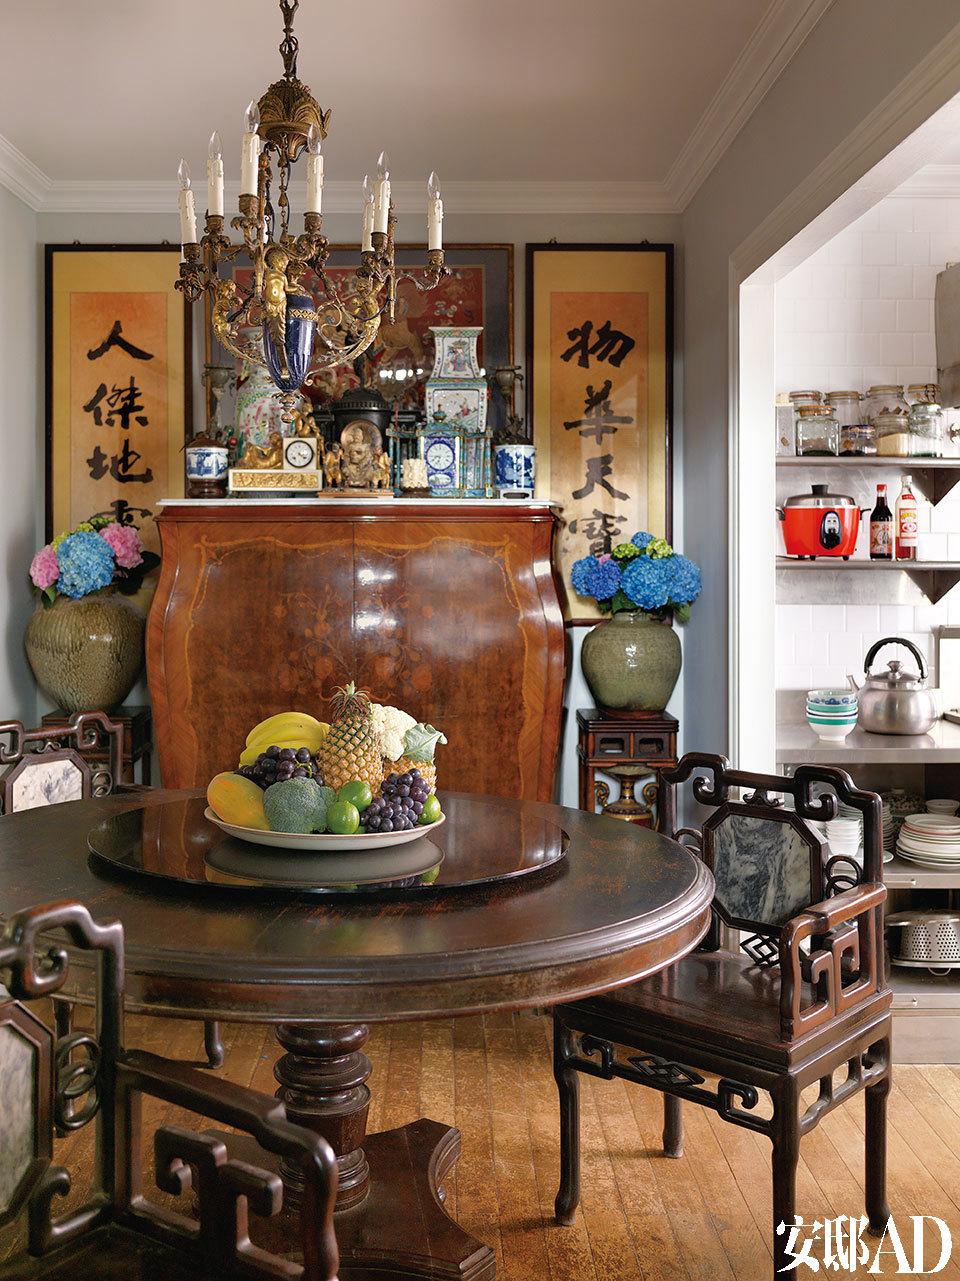 国古董餐柜、欧式巴洛克吊灯、 中式字画和瑞狮刺绣,如此的老古董风格,亦是中西混搭。